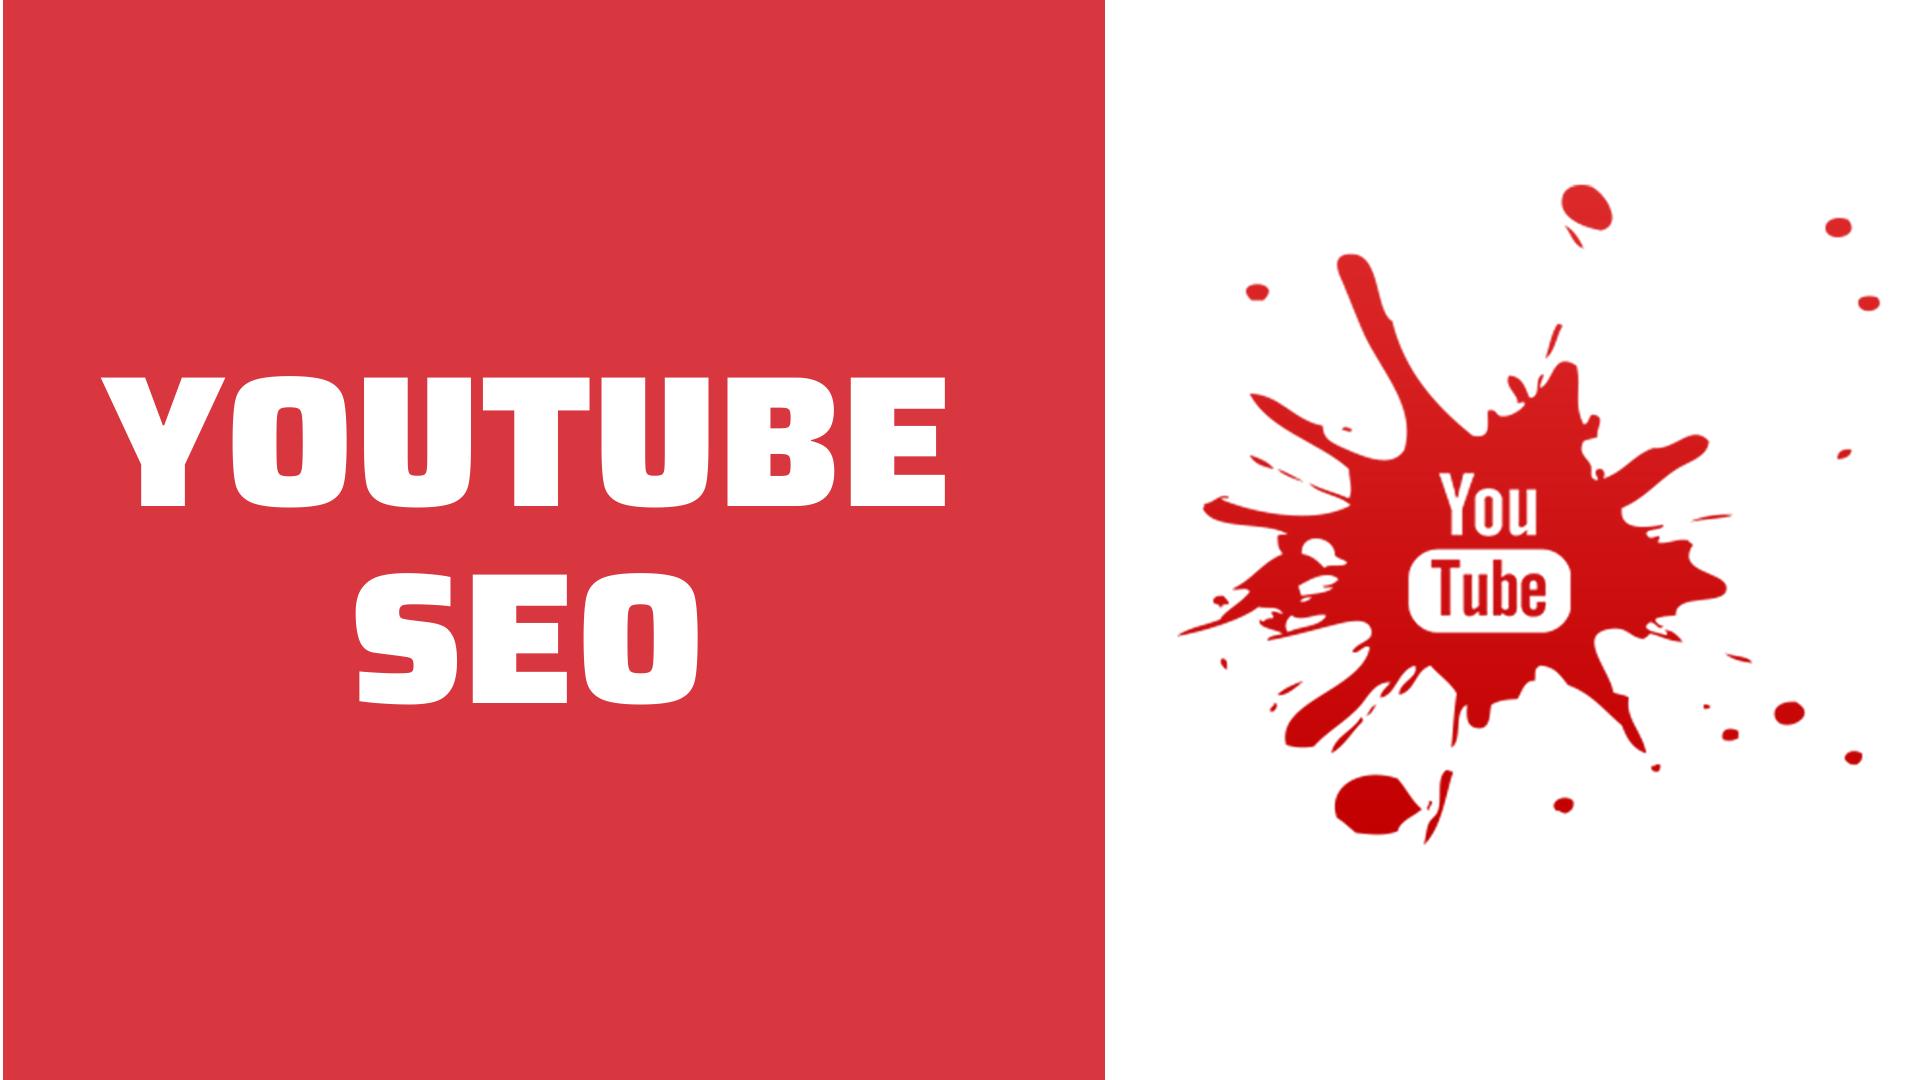 [YouTube SEO] 11 ključnih faktora za dostupnost i rangiranje na YouTubeu koje već danas možete primijeniti